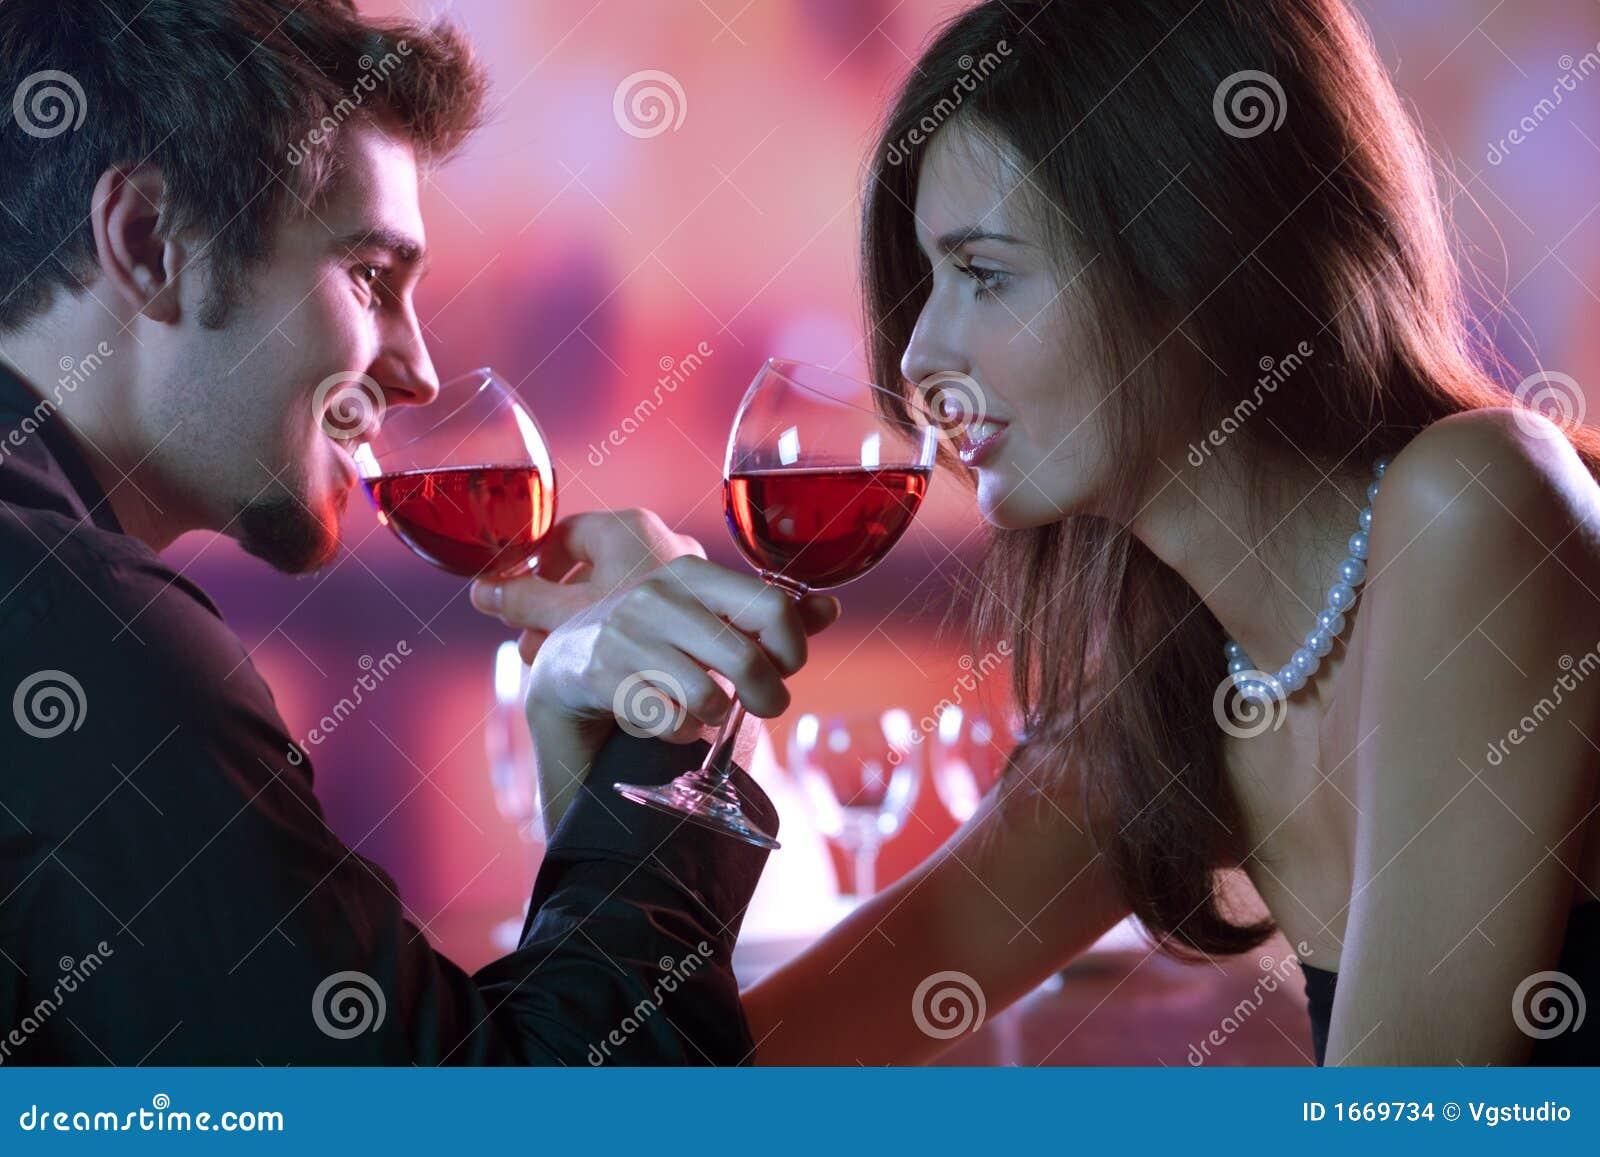 Рассказы про романтические отношения между девушками 23 фотография